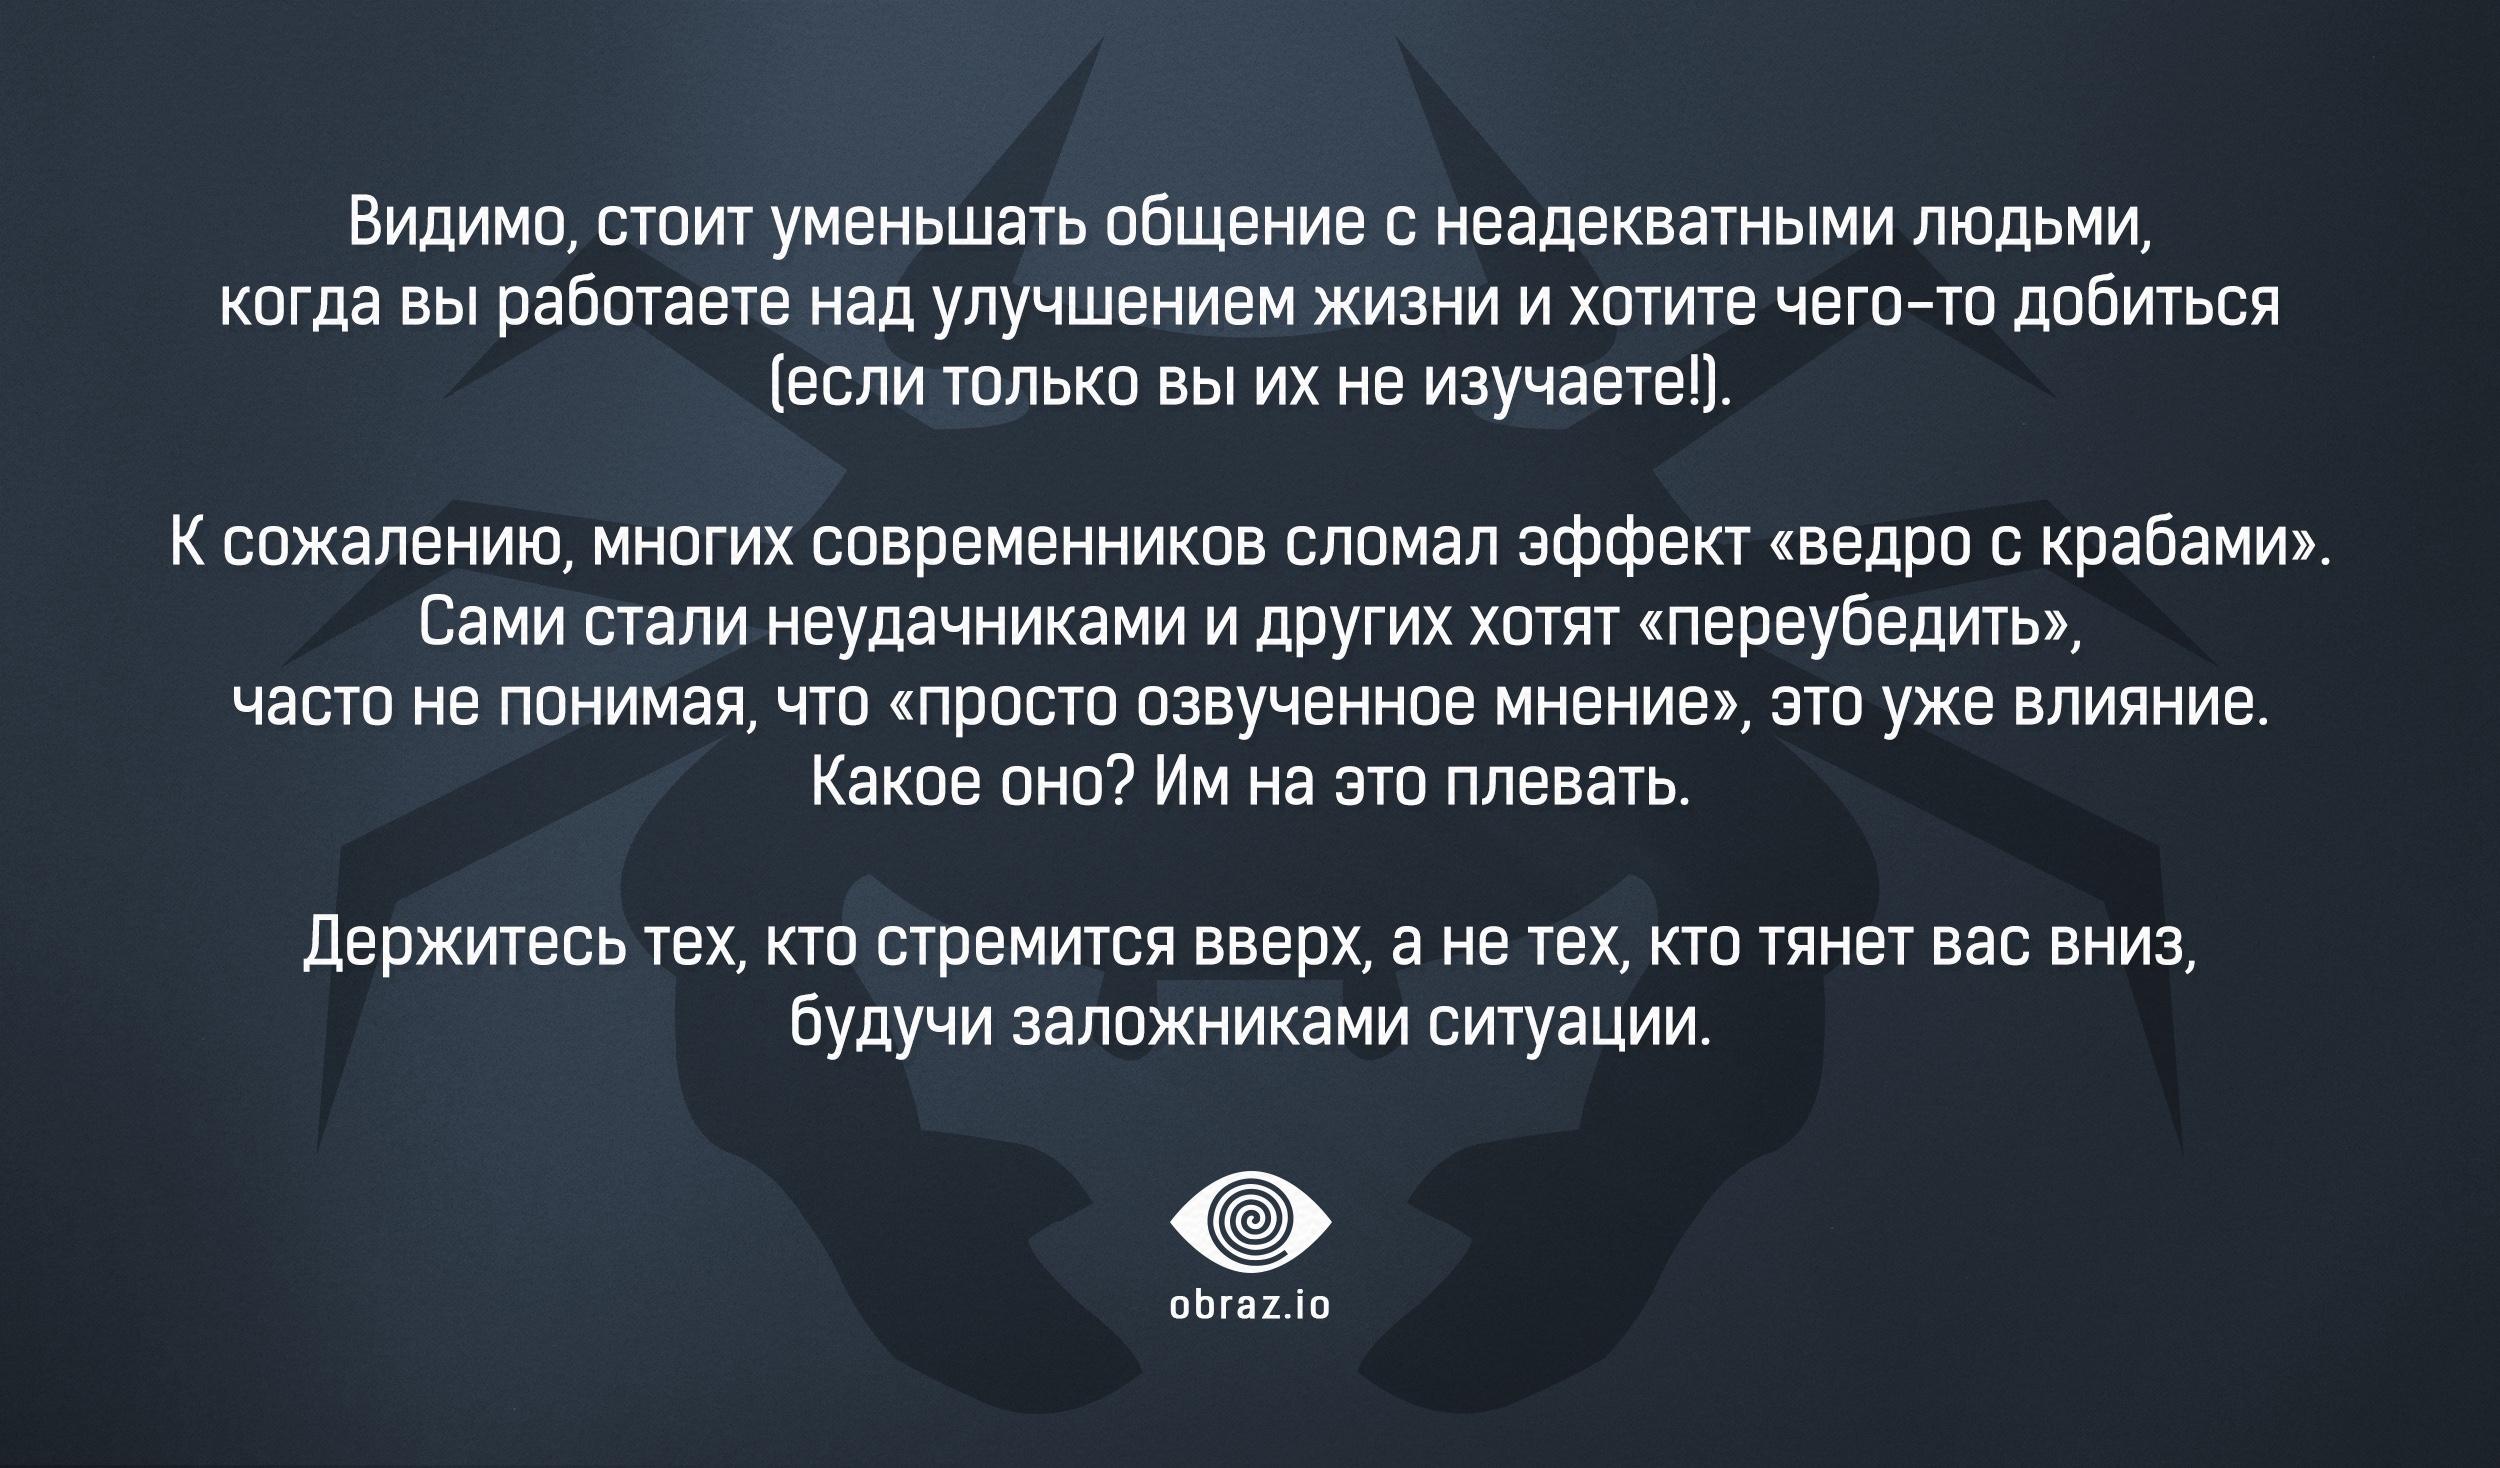 Email:learningkurakov@gmail com3292 19r5zop.hz3nhilik9